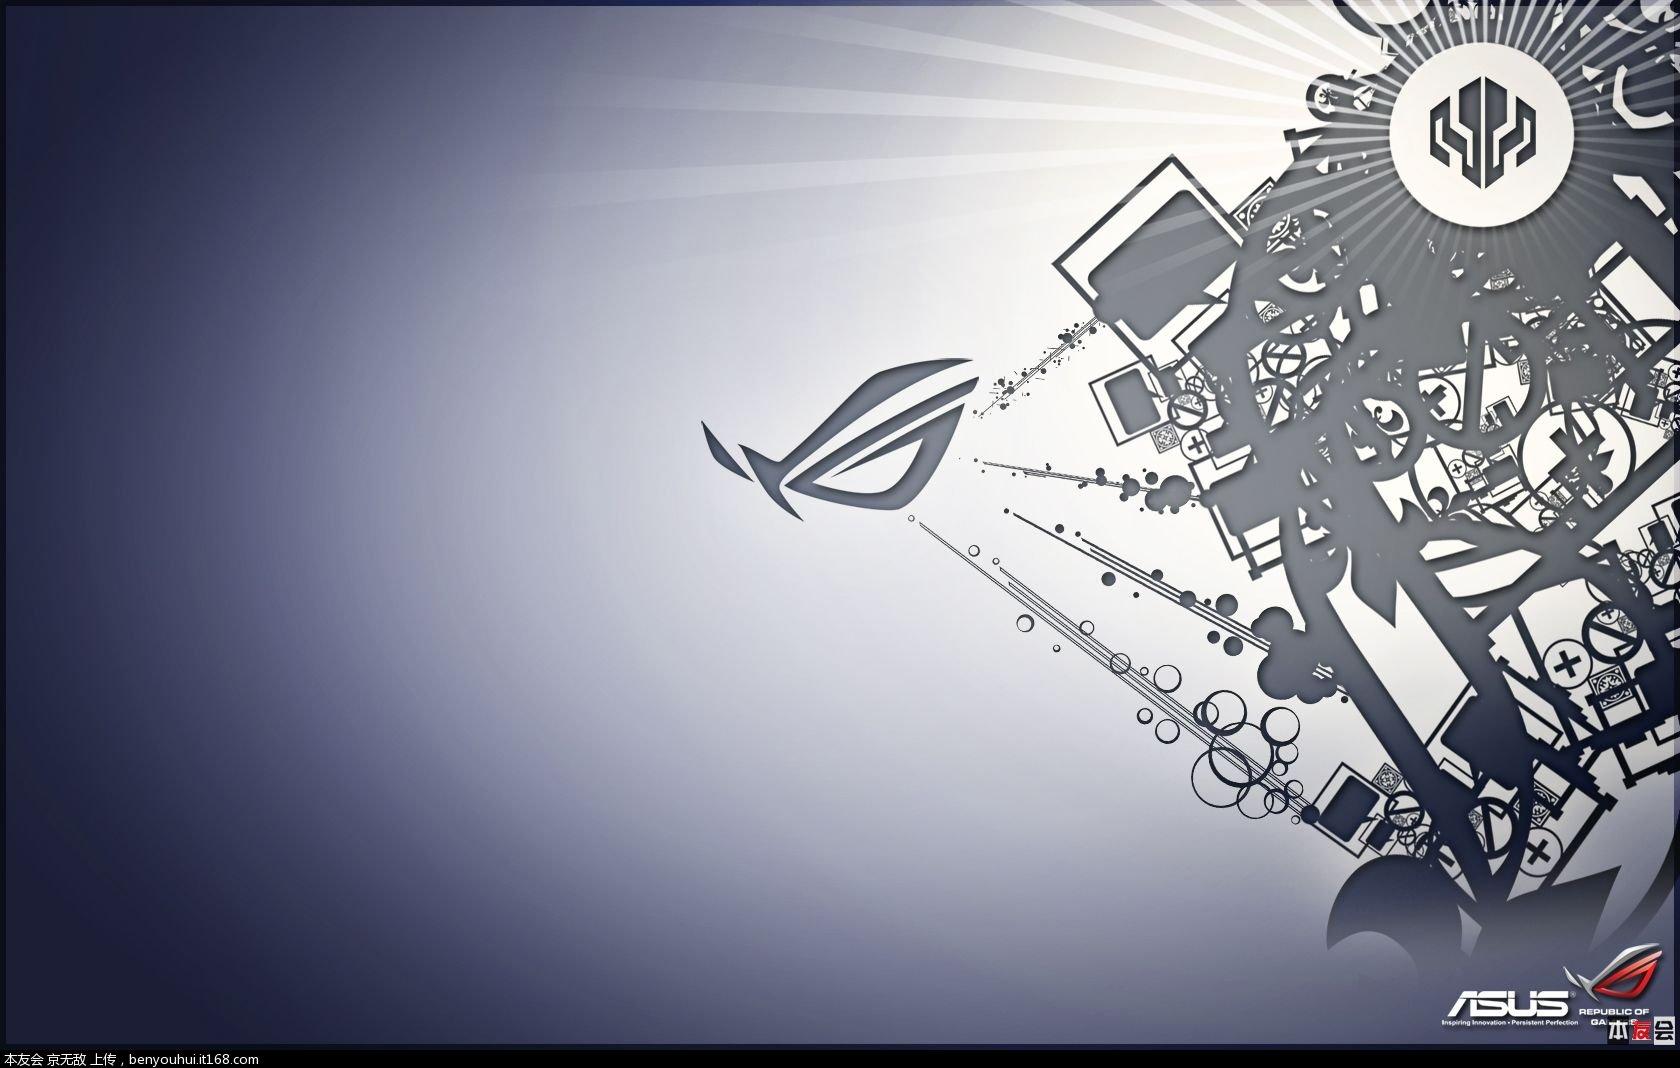 【無水印打包下載】華碩玩家國度logo壁紙,1920*1080【40p多圖殺貓】